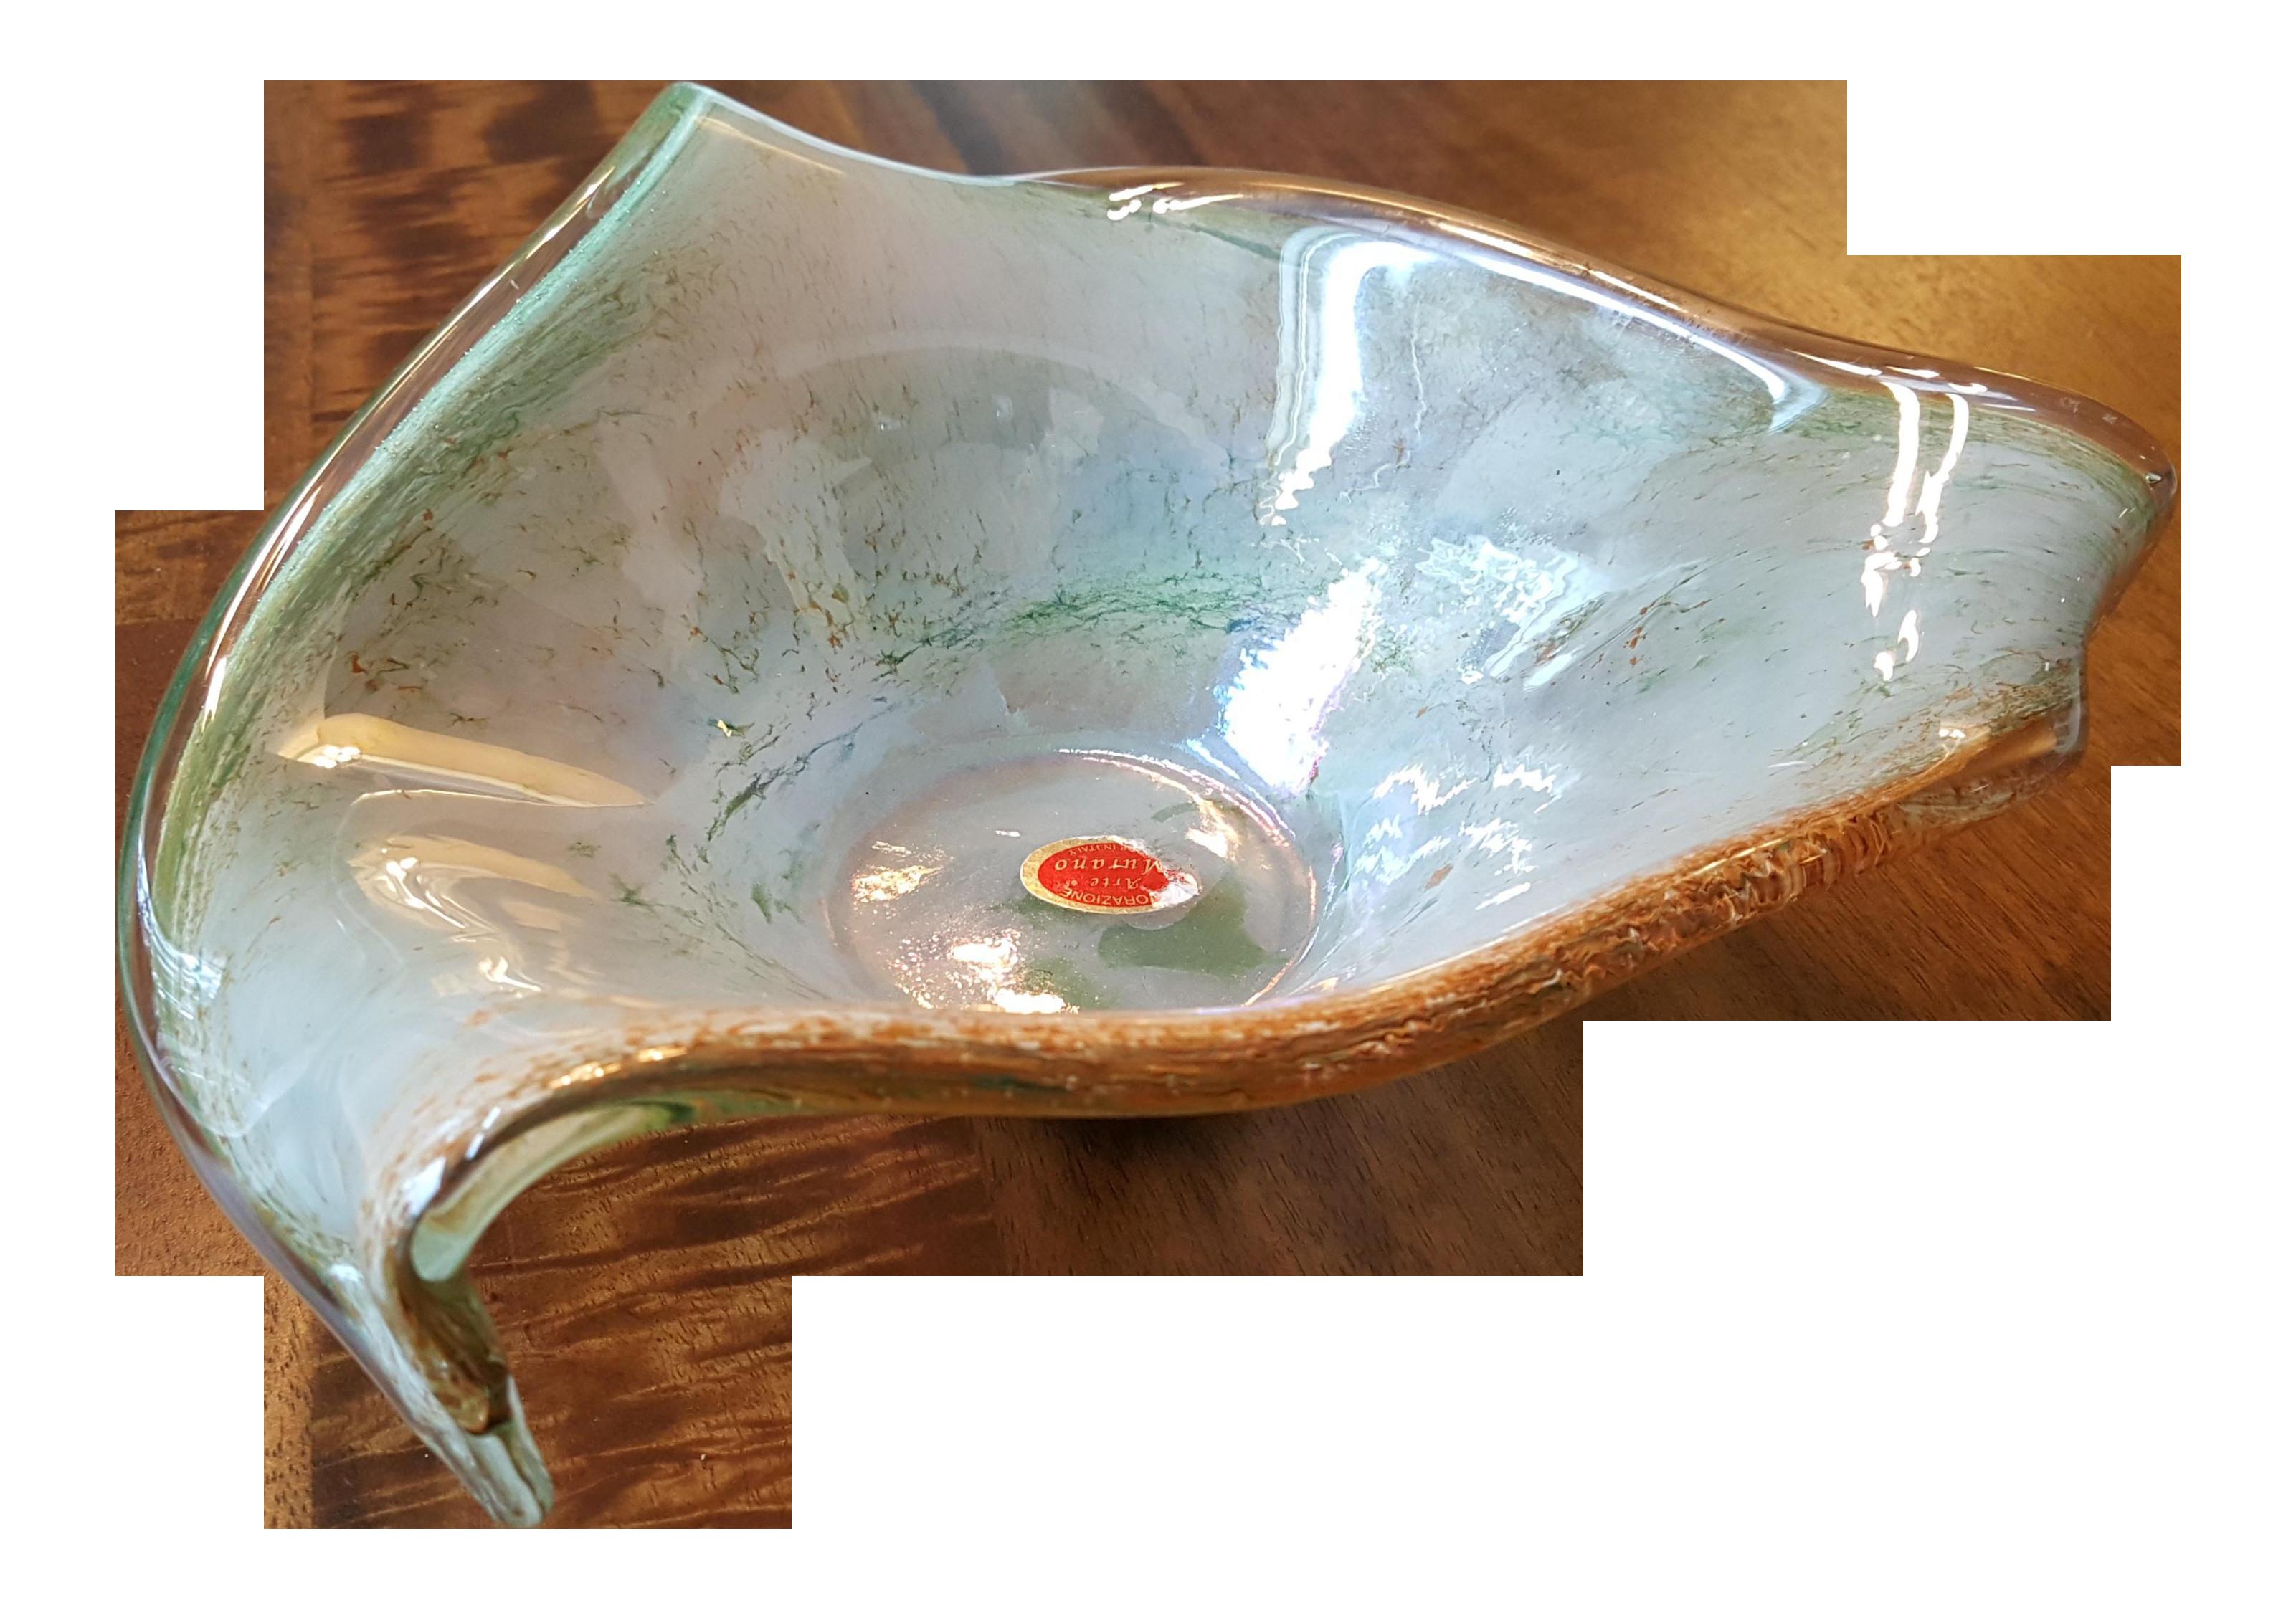 lavorazione arte murano glass vase of lavorazione arte murano glass bowl chairish pertaining to lavorazione arte murano glass bowl 9506